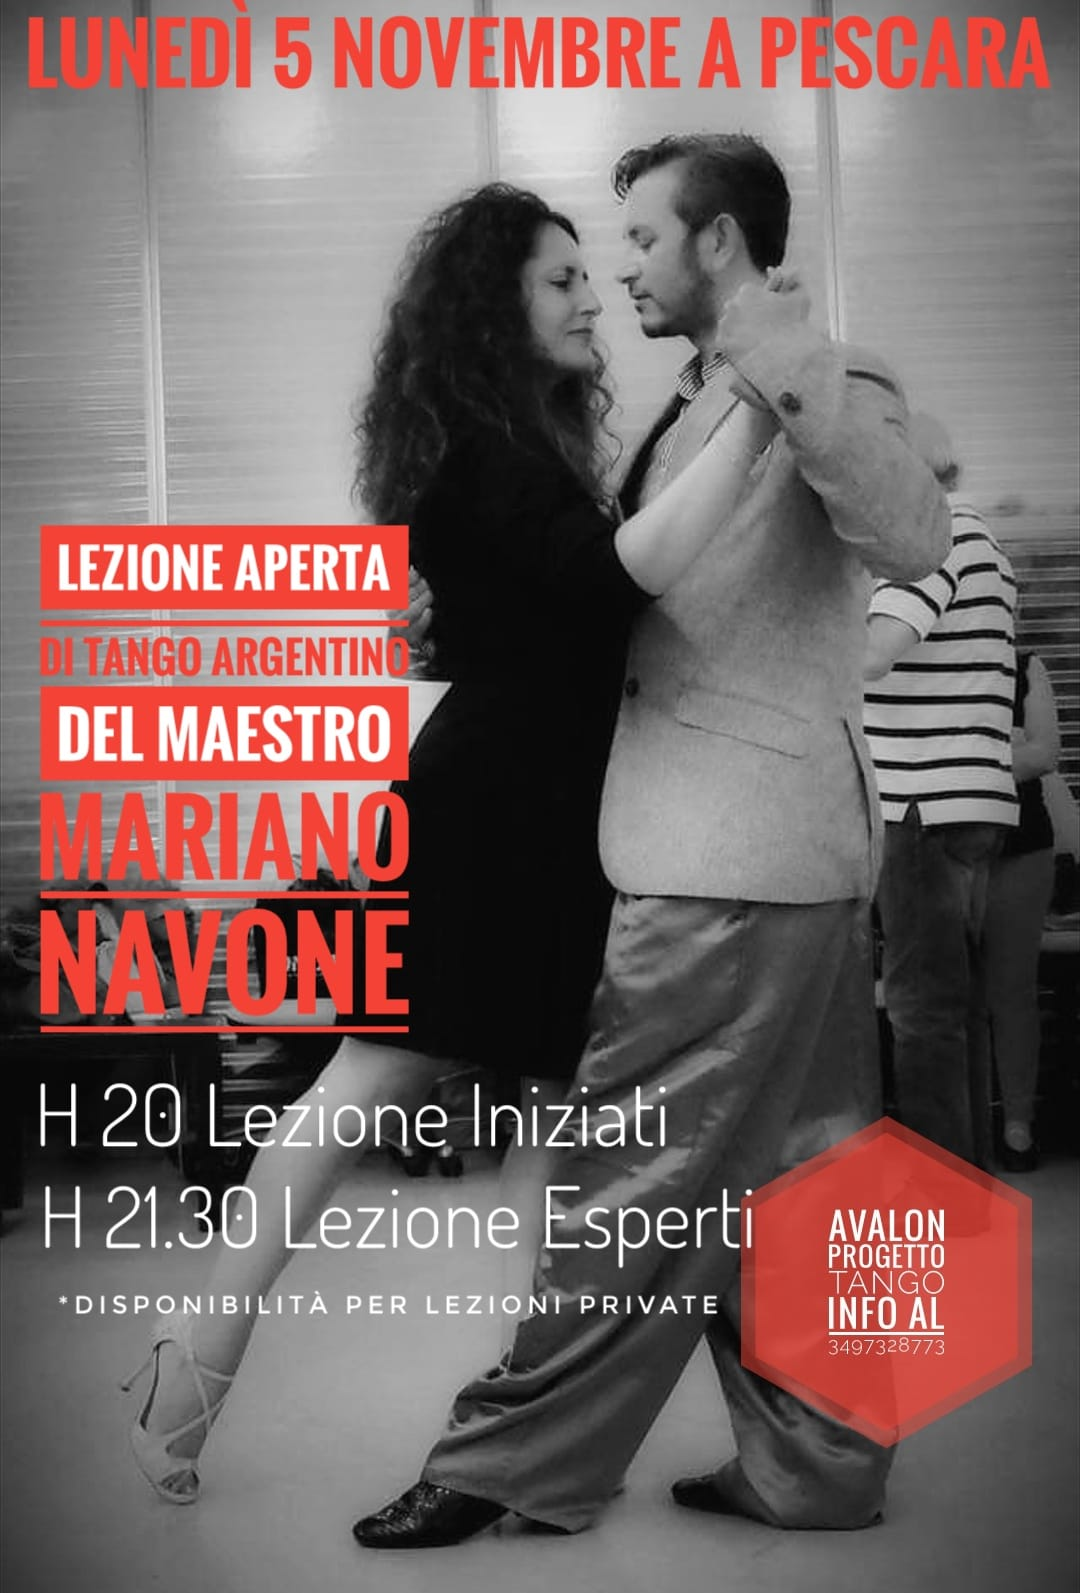 la lezione di tango argentino del Maestro Mariano Navone - Avalon Progetto Tango